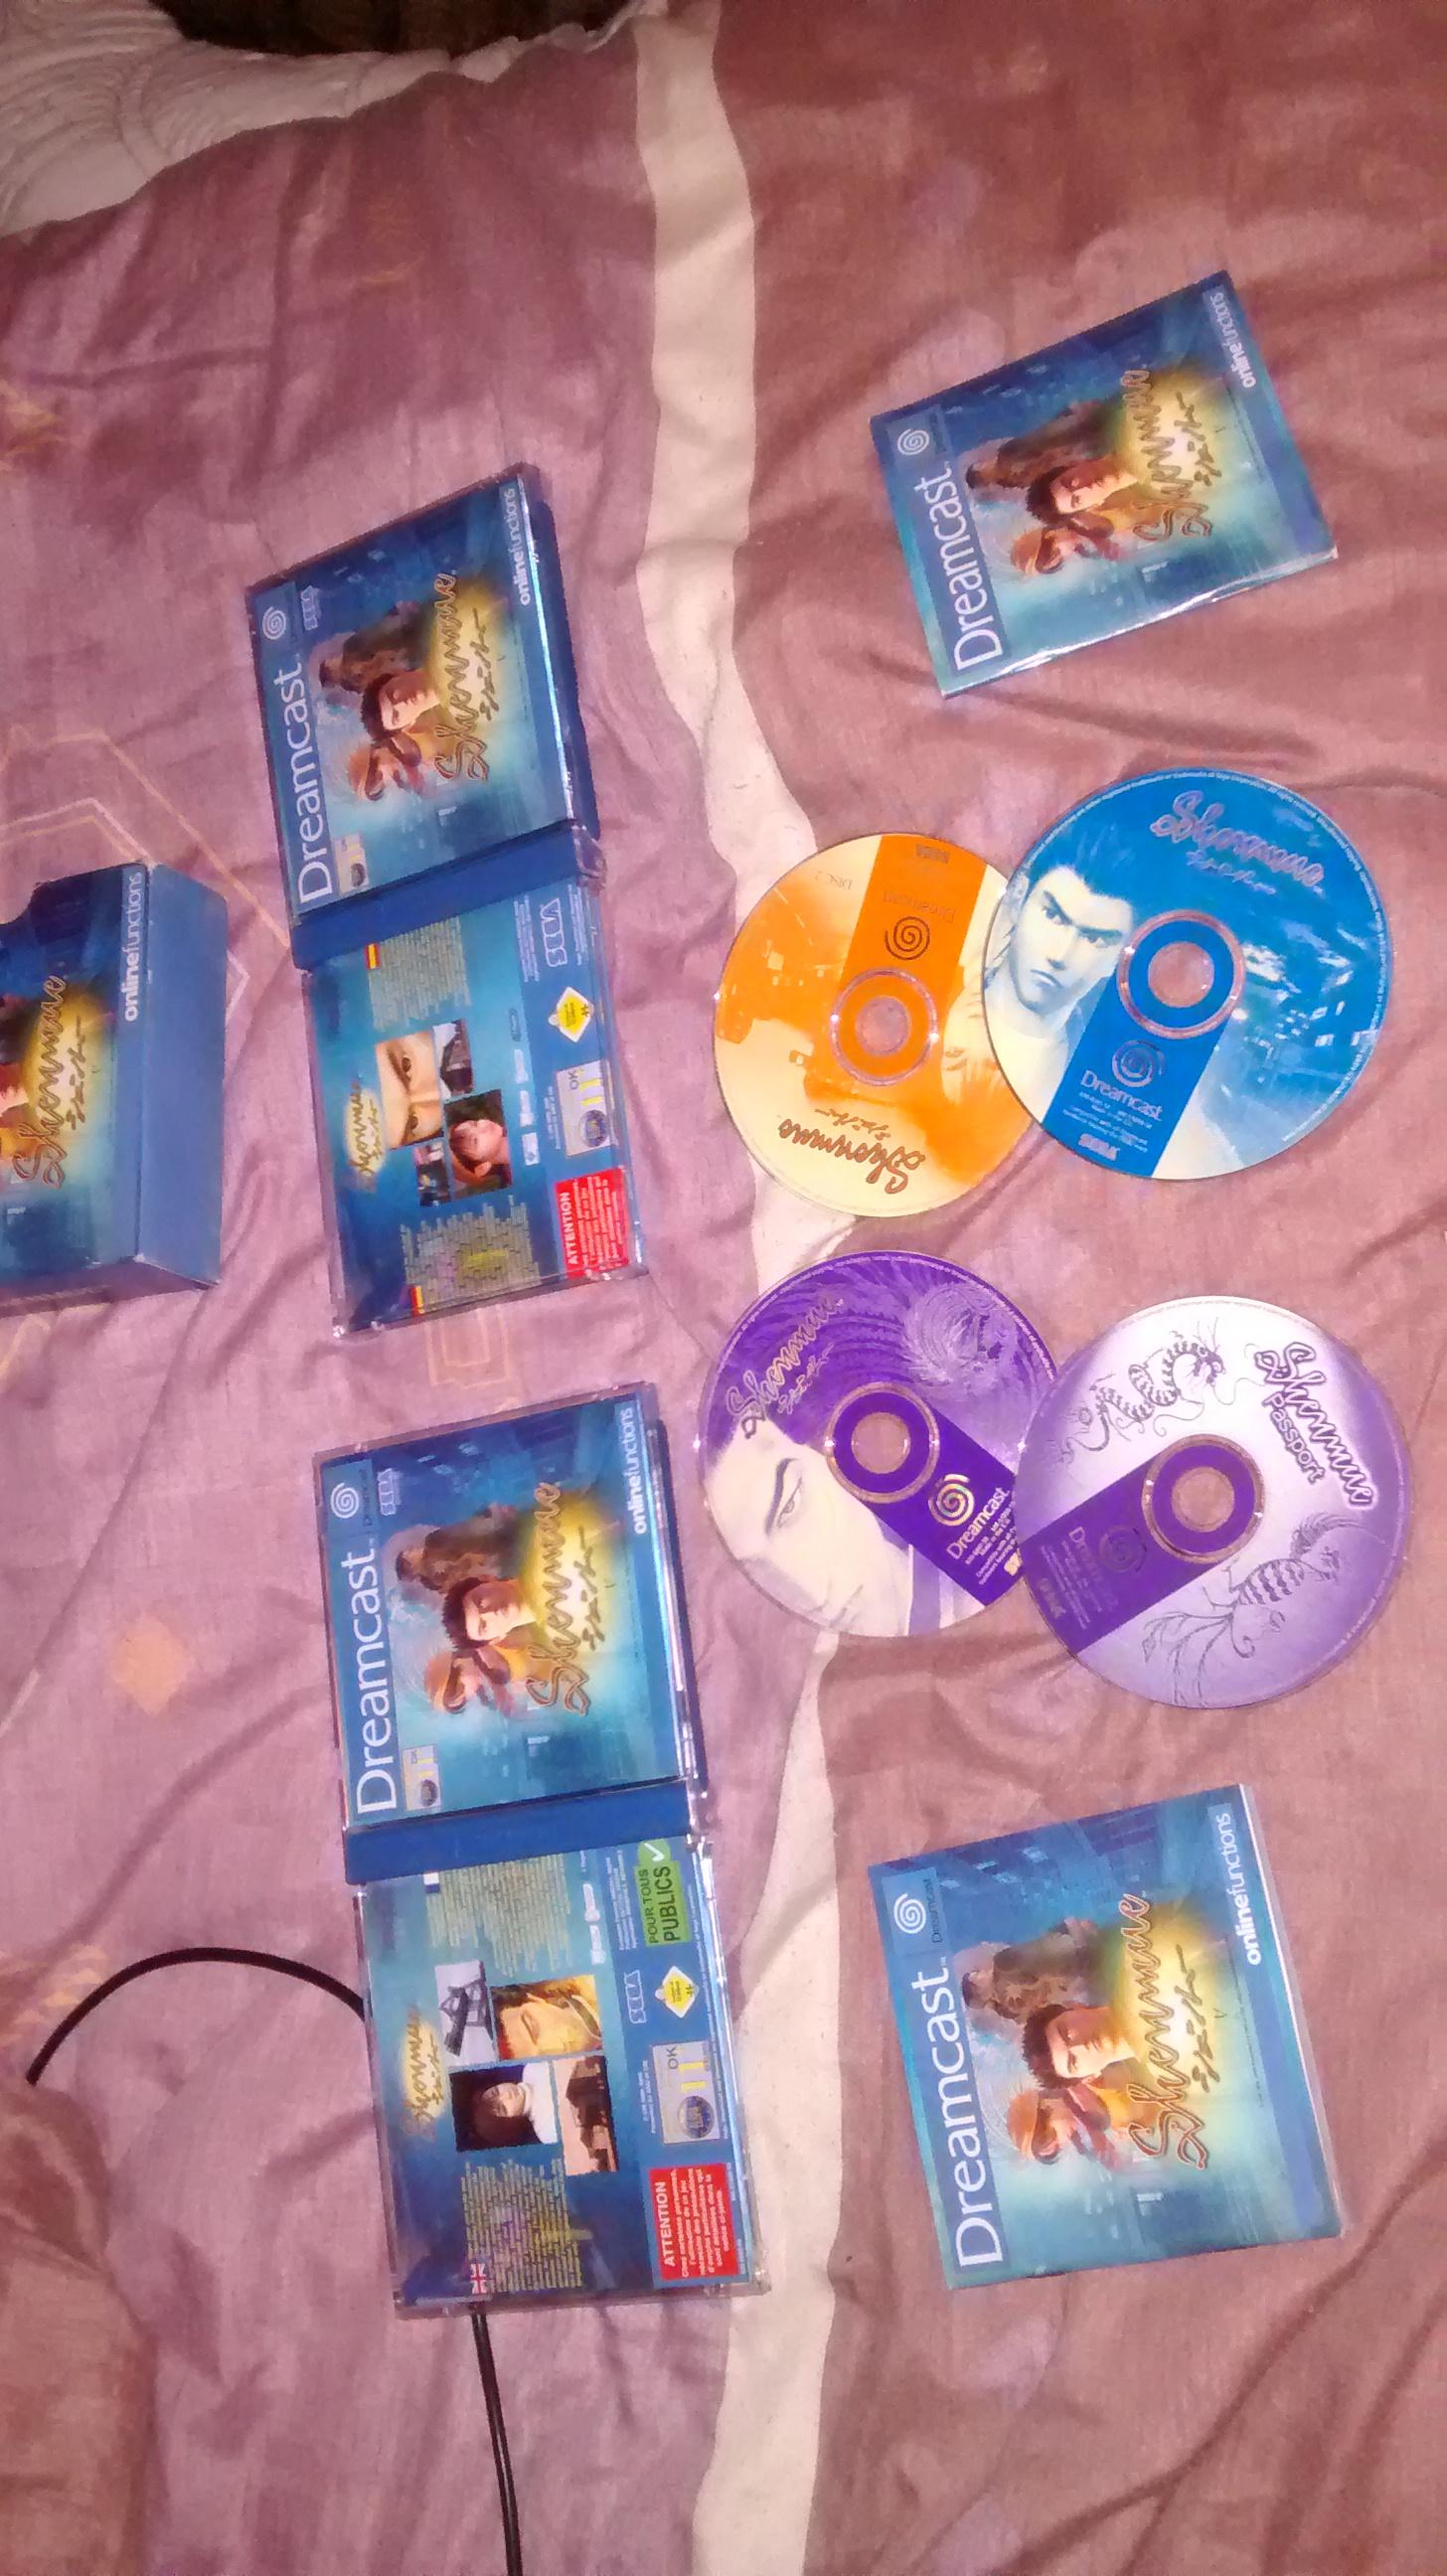 [Vds] Lot Dreamcast - MS/MD et Saturn Update 18/01 ajout Jeux Sat Jap - Page 3 667807IMG20160118012136074